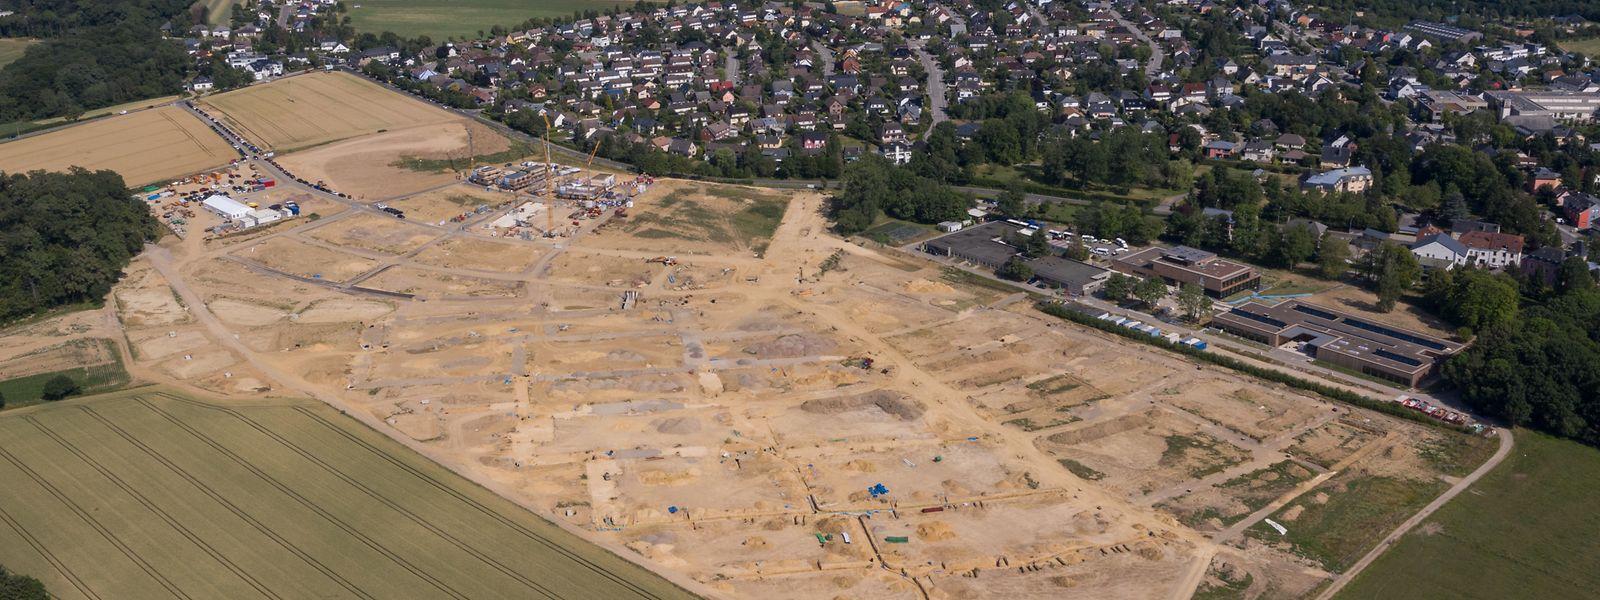 Le premier des trois villages que comptera le futur quartier d'Elmen est en cours de construction.